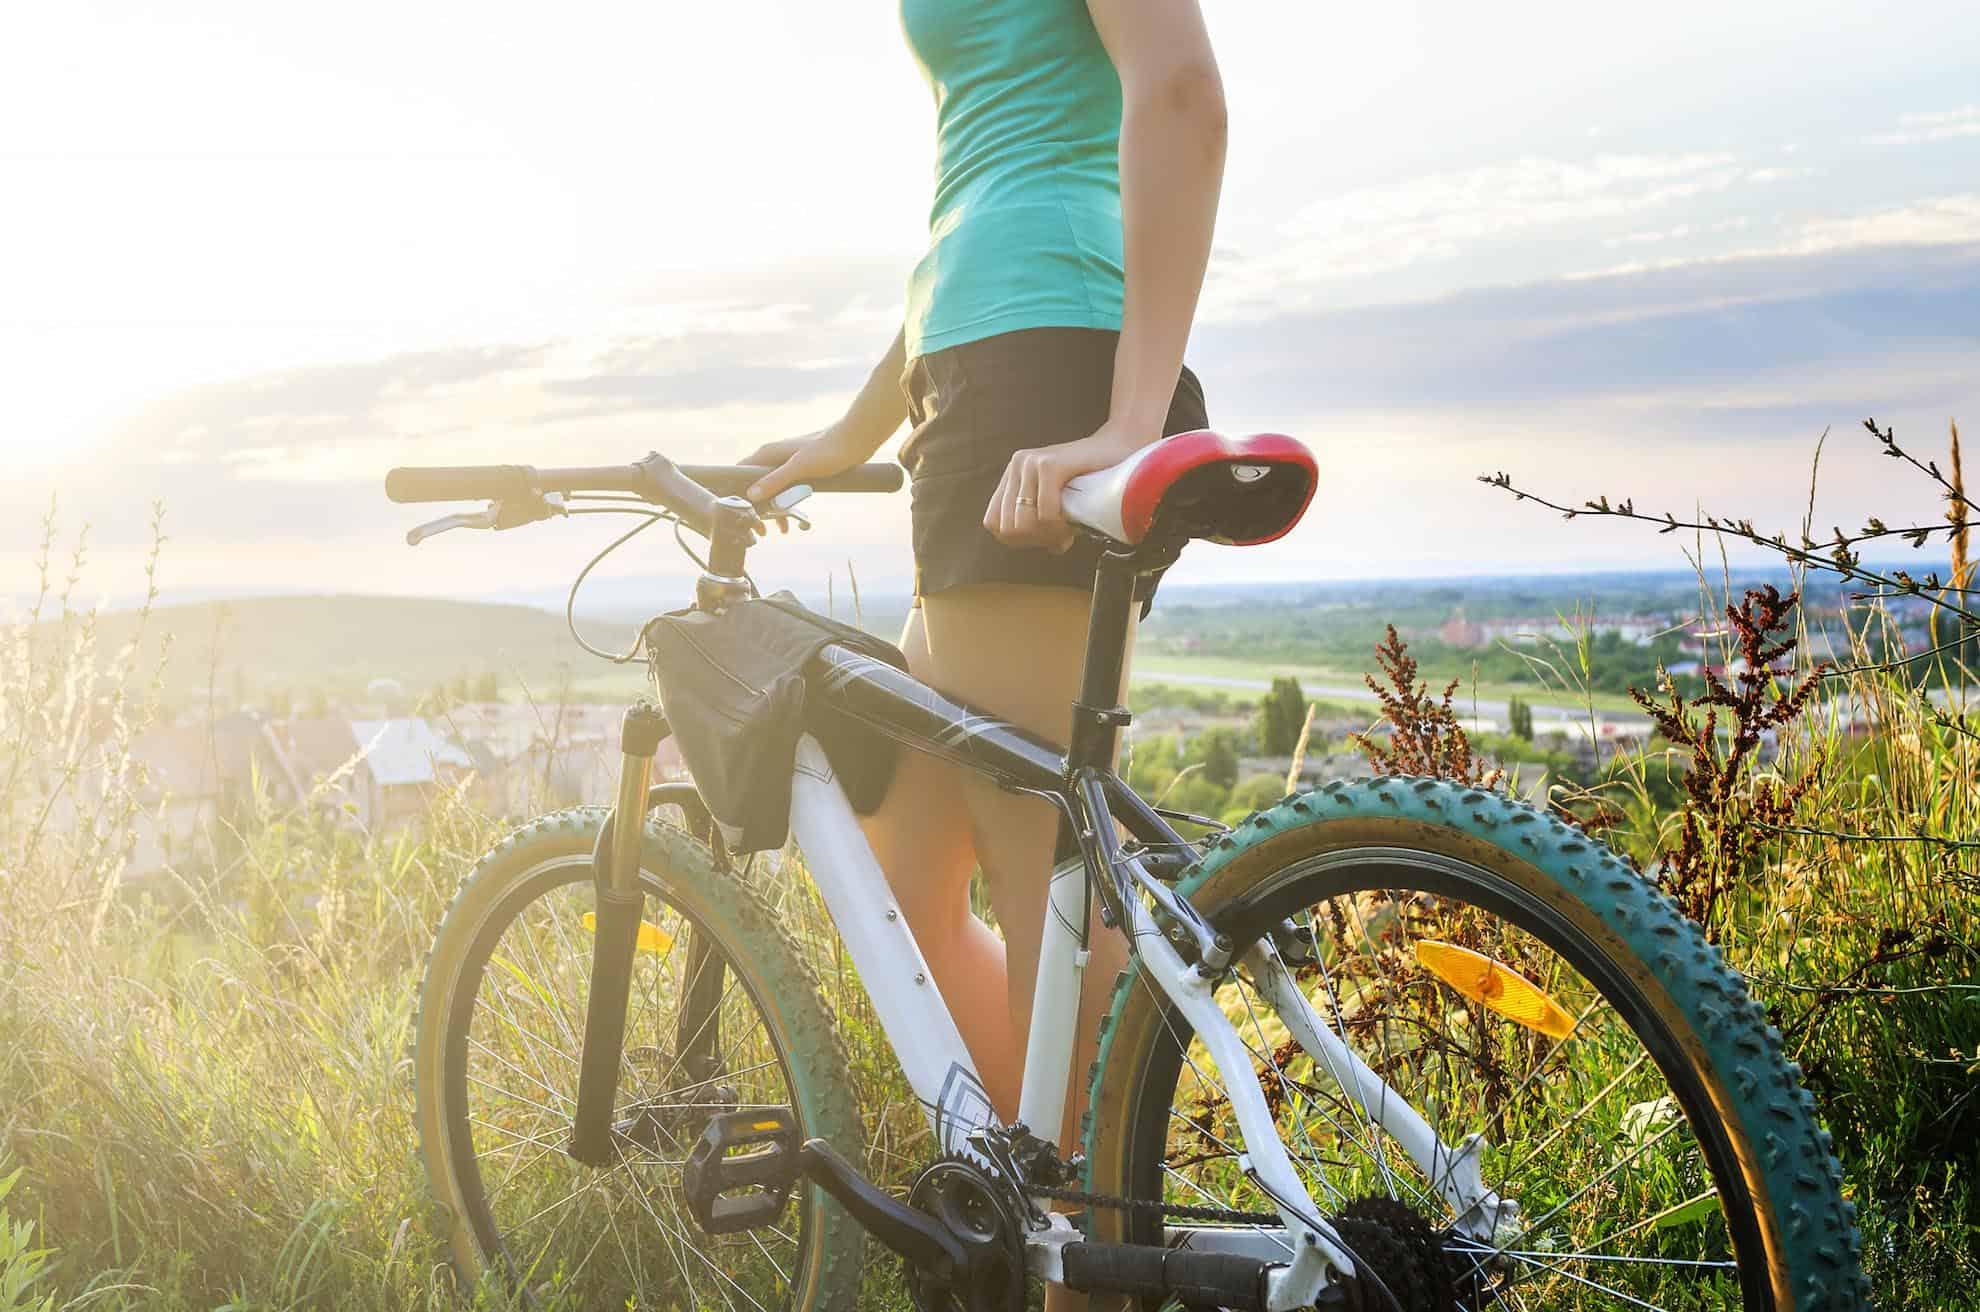 PROGRESSER : ENTRAINEMENT VÉLO EXTÉRIEUR CYCLISME - 8 SEMAINES